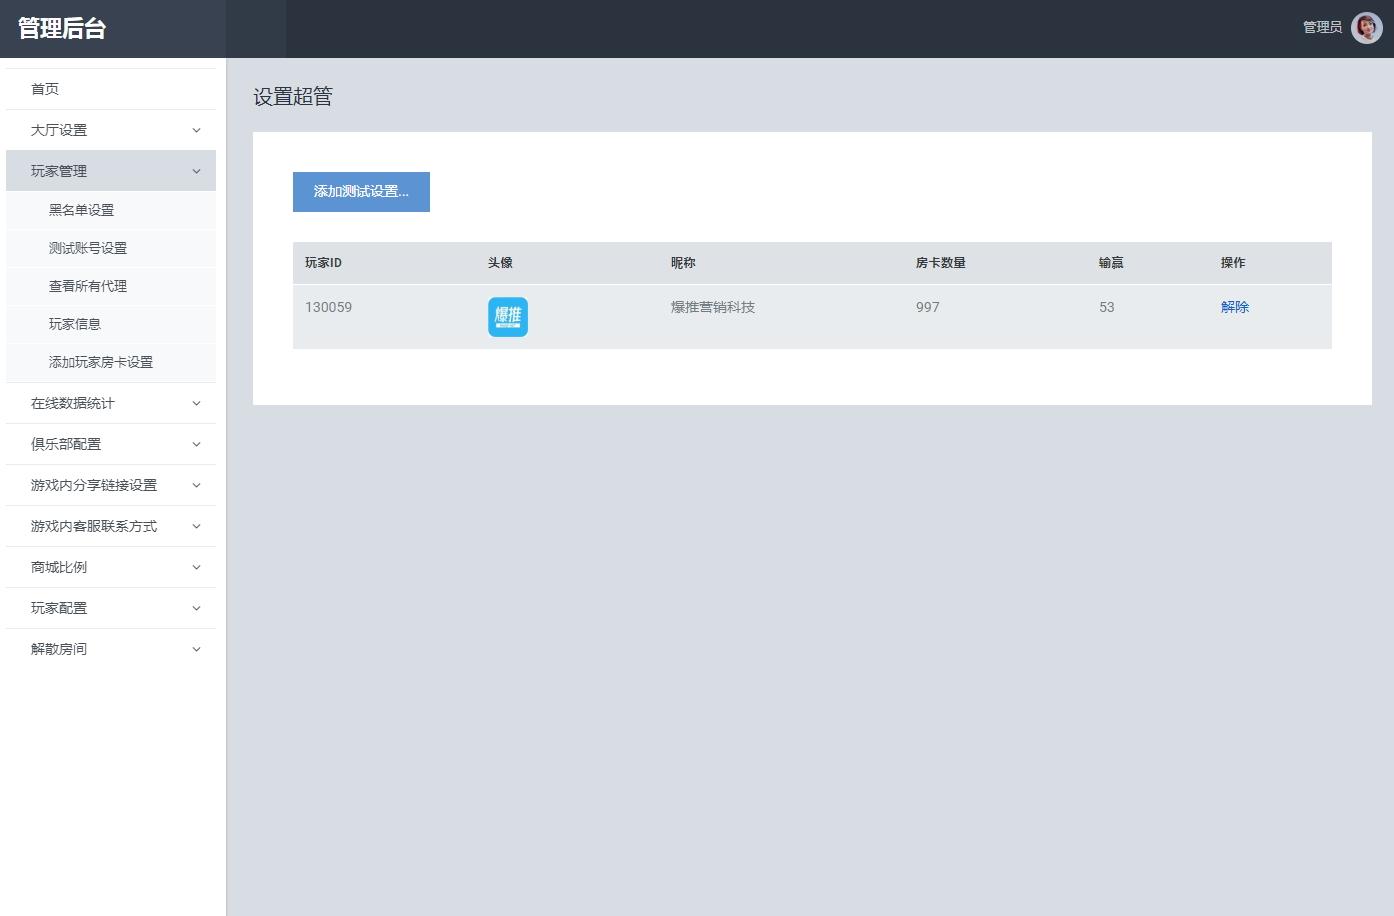 量推二开UI版 澳玩游戏 完整数据 已经整理完整 源码程序下载 大联盟 完整双端 澳玩娱乐 澳玩游戏 二开ui版 量推 房卡约战类 第18张